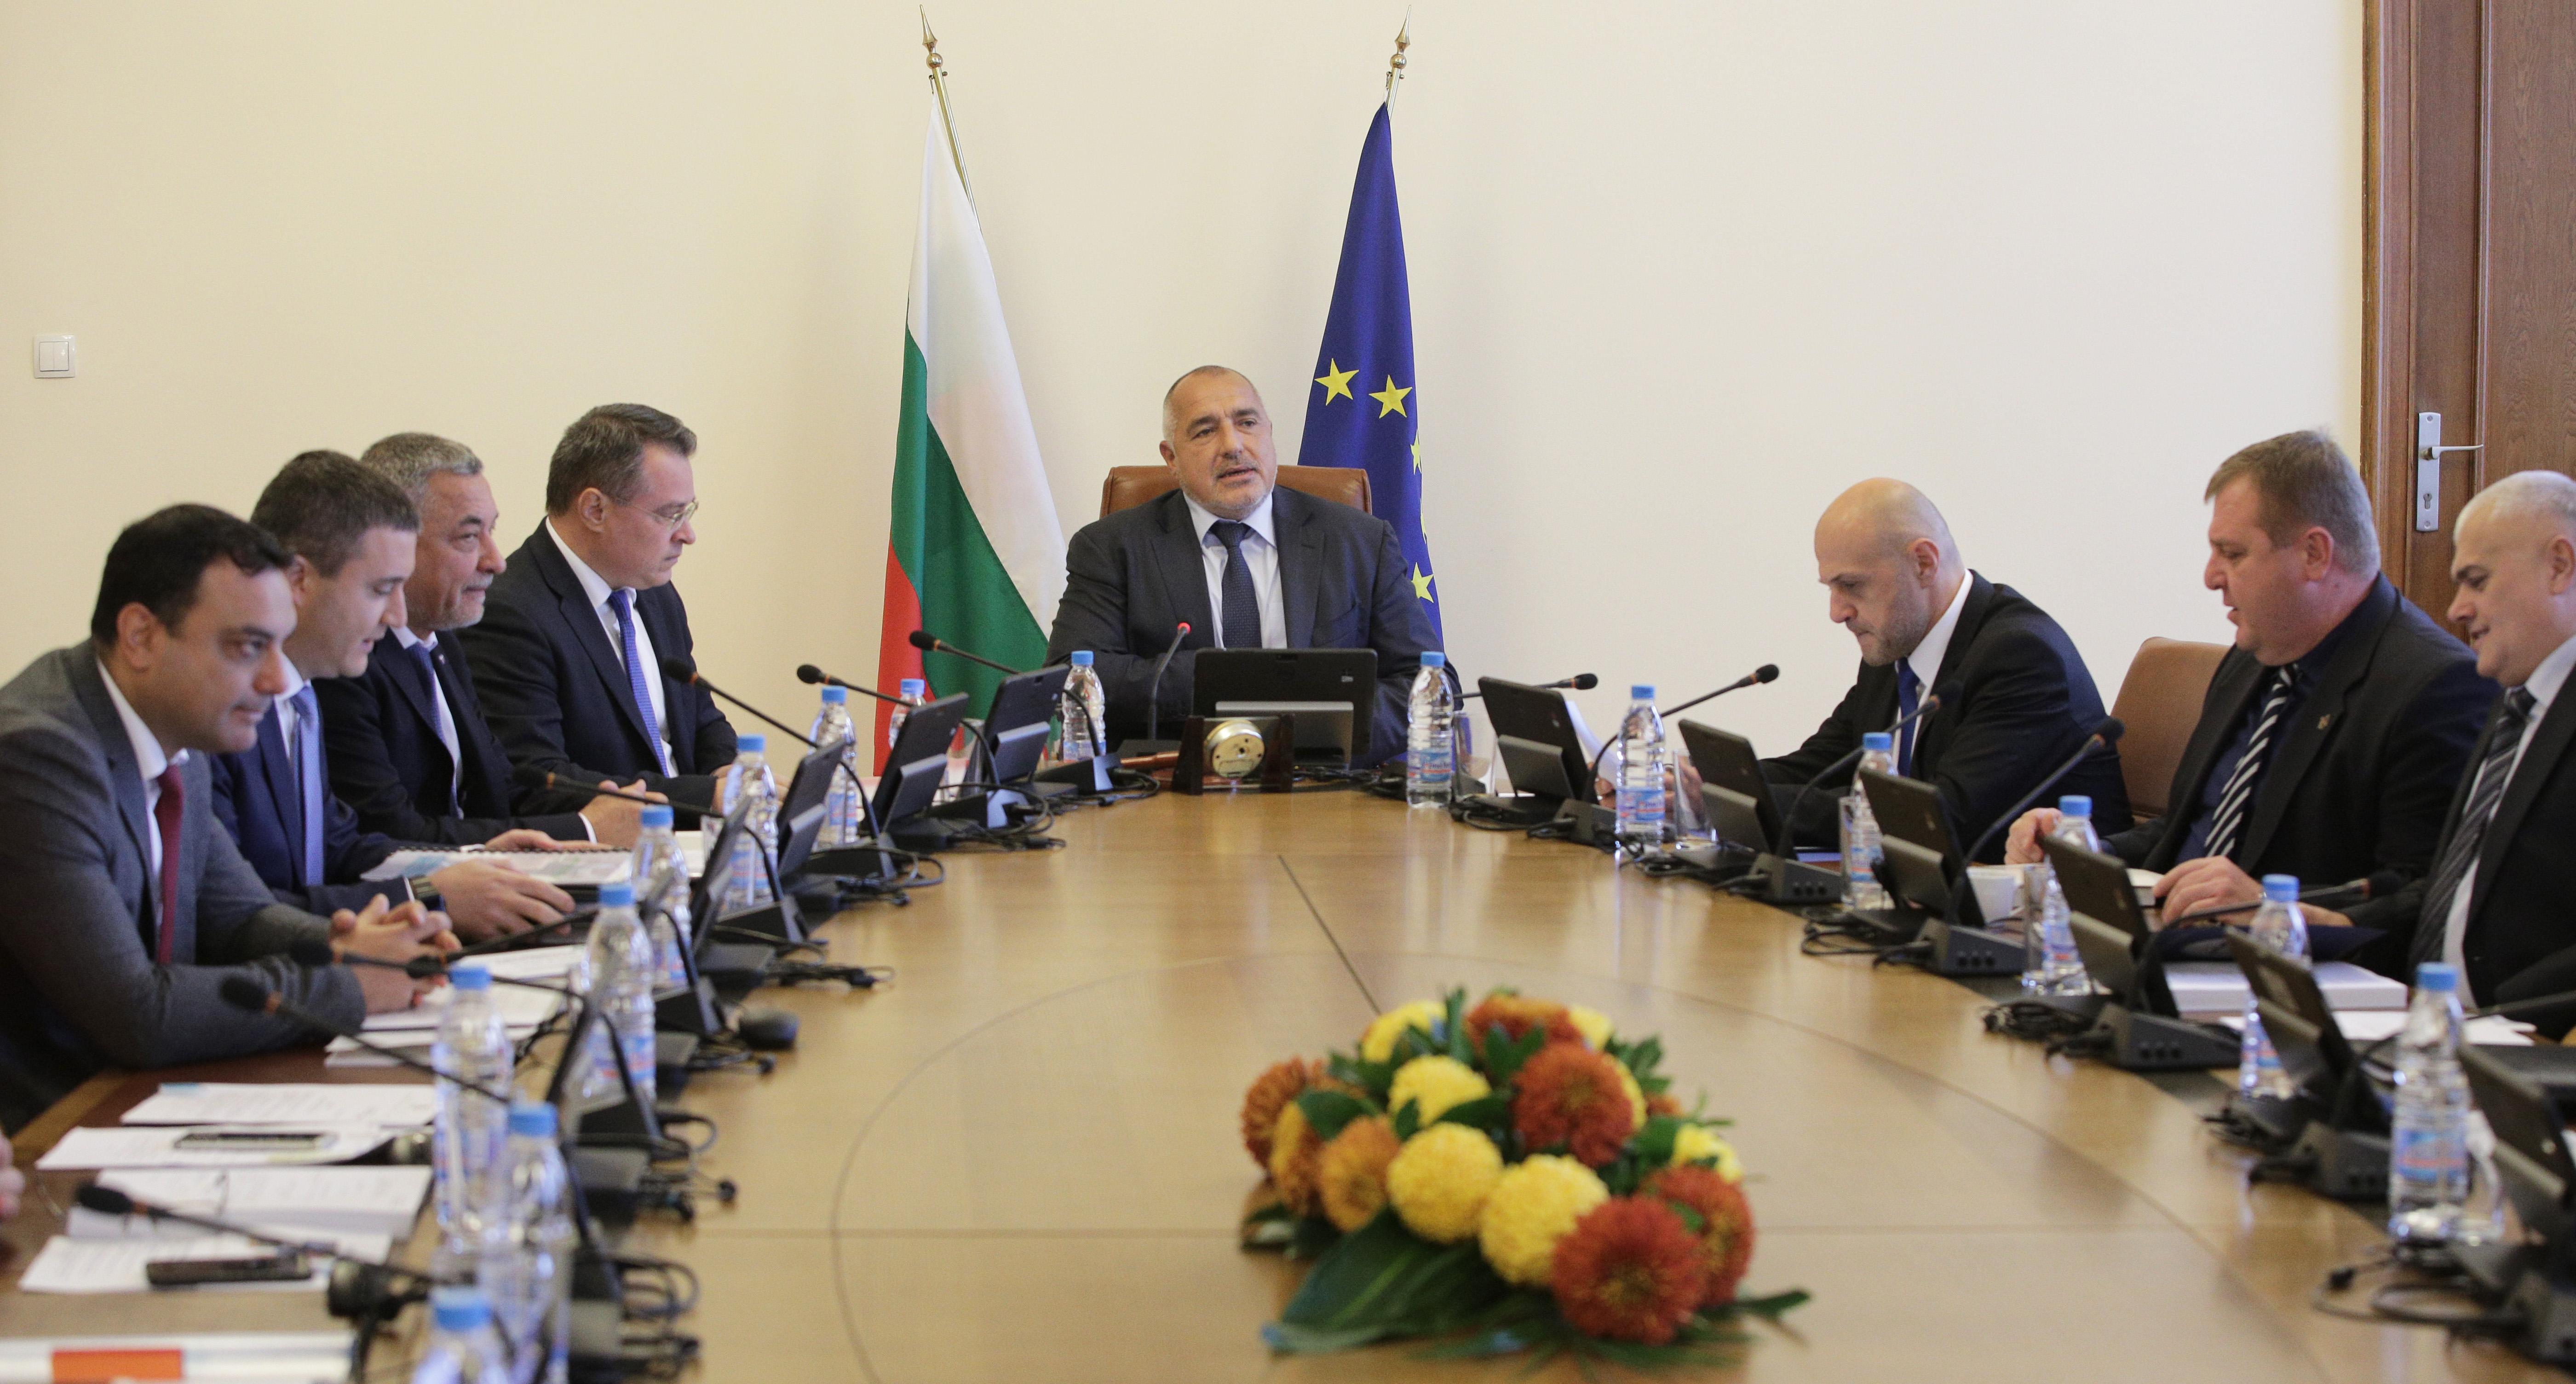 Борисов: Дългът намалява, затова искат да съборят кабинета